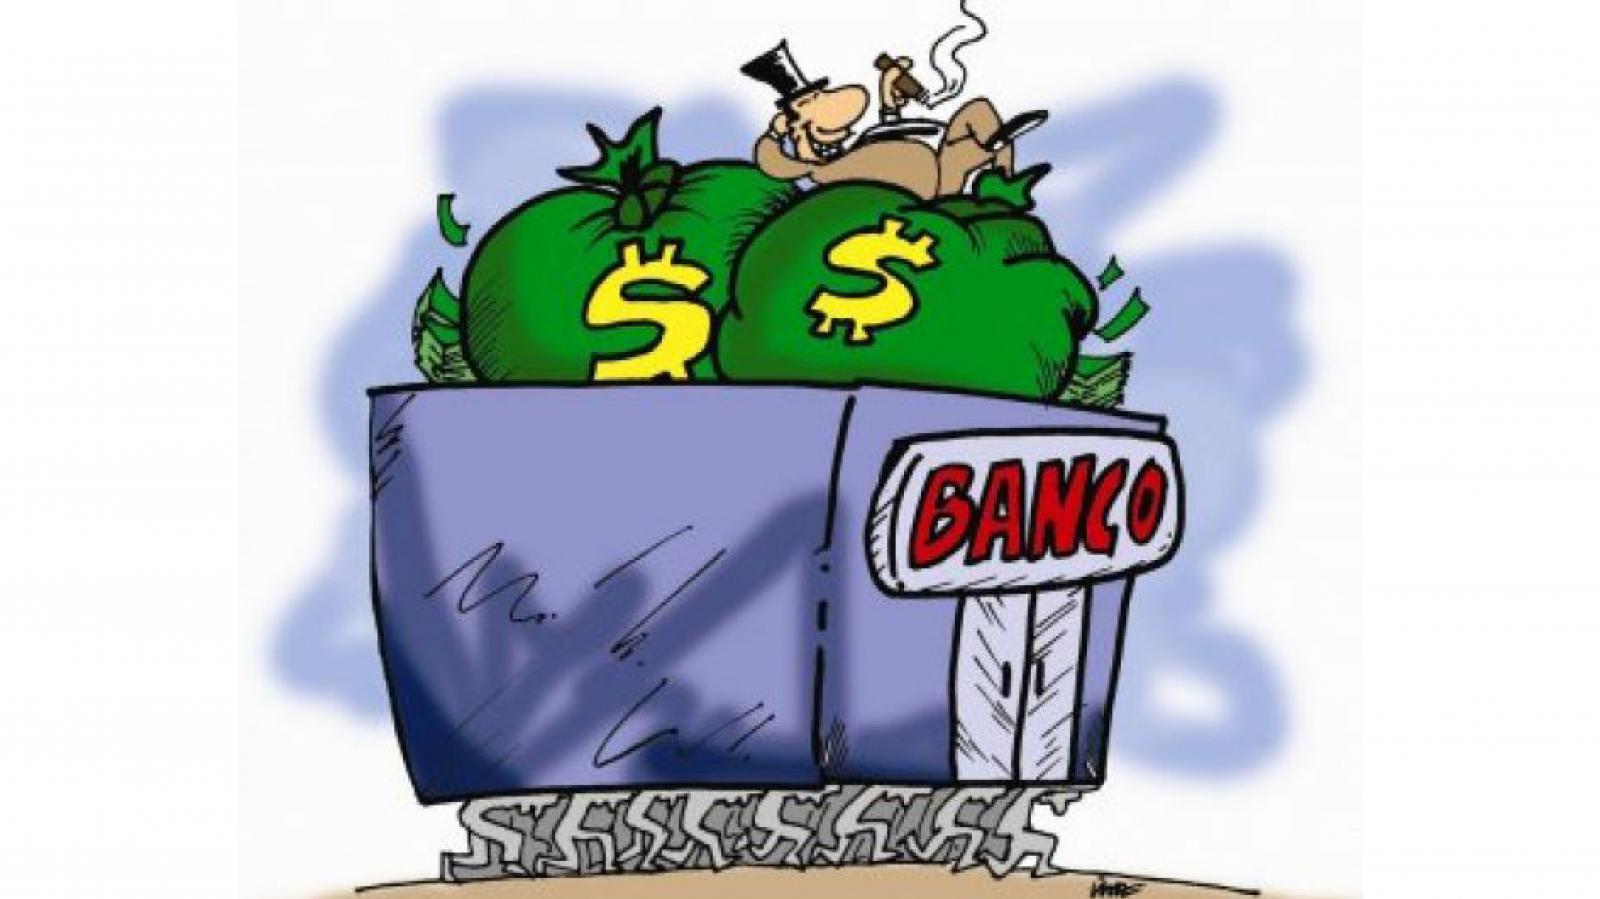 Bancos foram os maiores beneficiados com o Refis